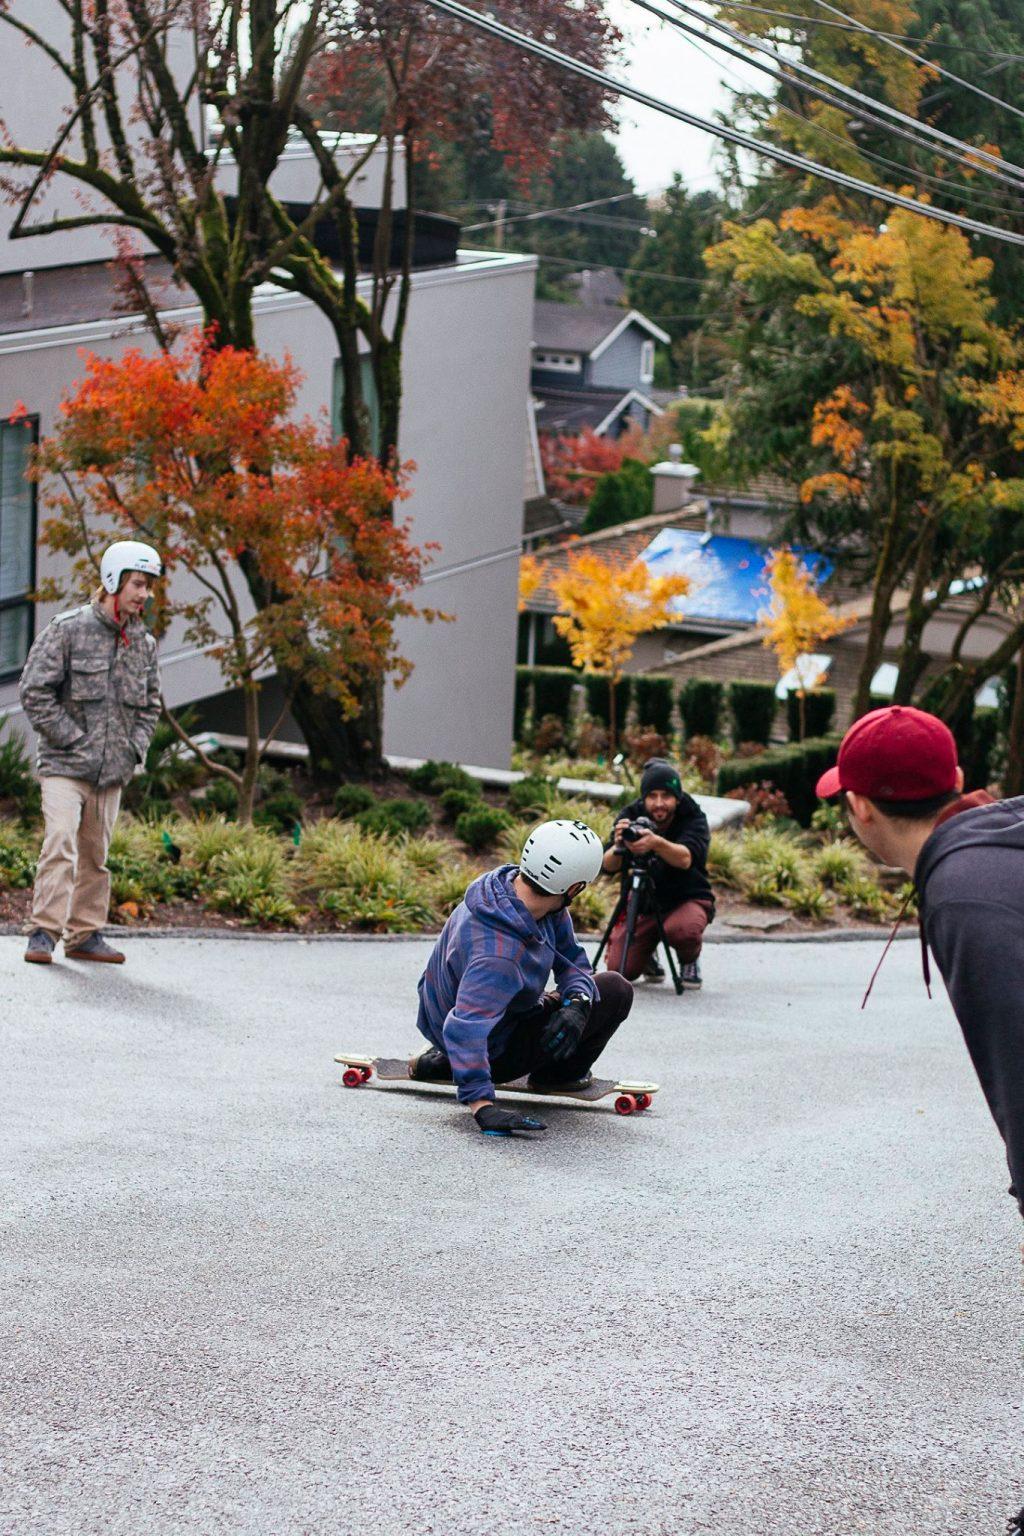 37-sam-galus-flatspot-longboards-valhalla-skateboards-higway-jam-highwayjamx-sho-ouellette-sho-stopper-longboarding